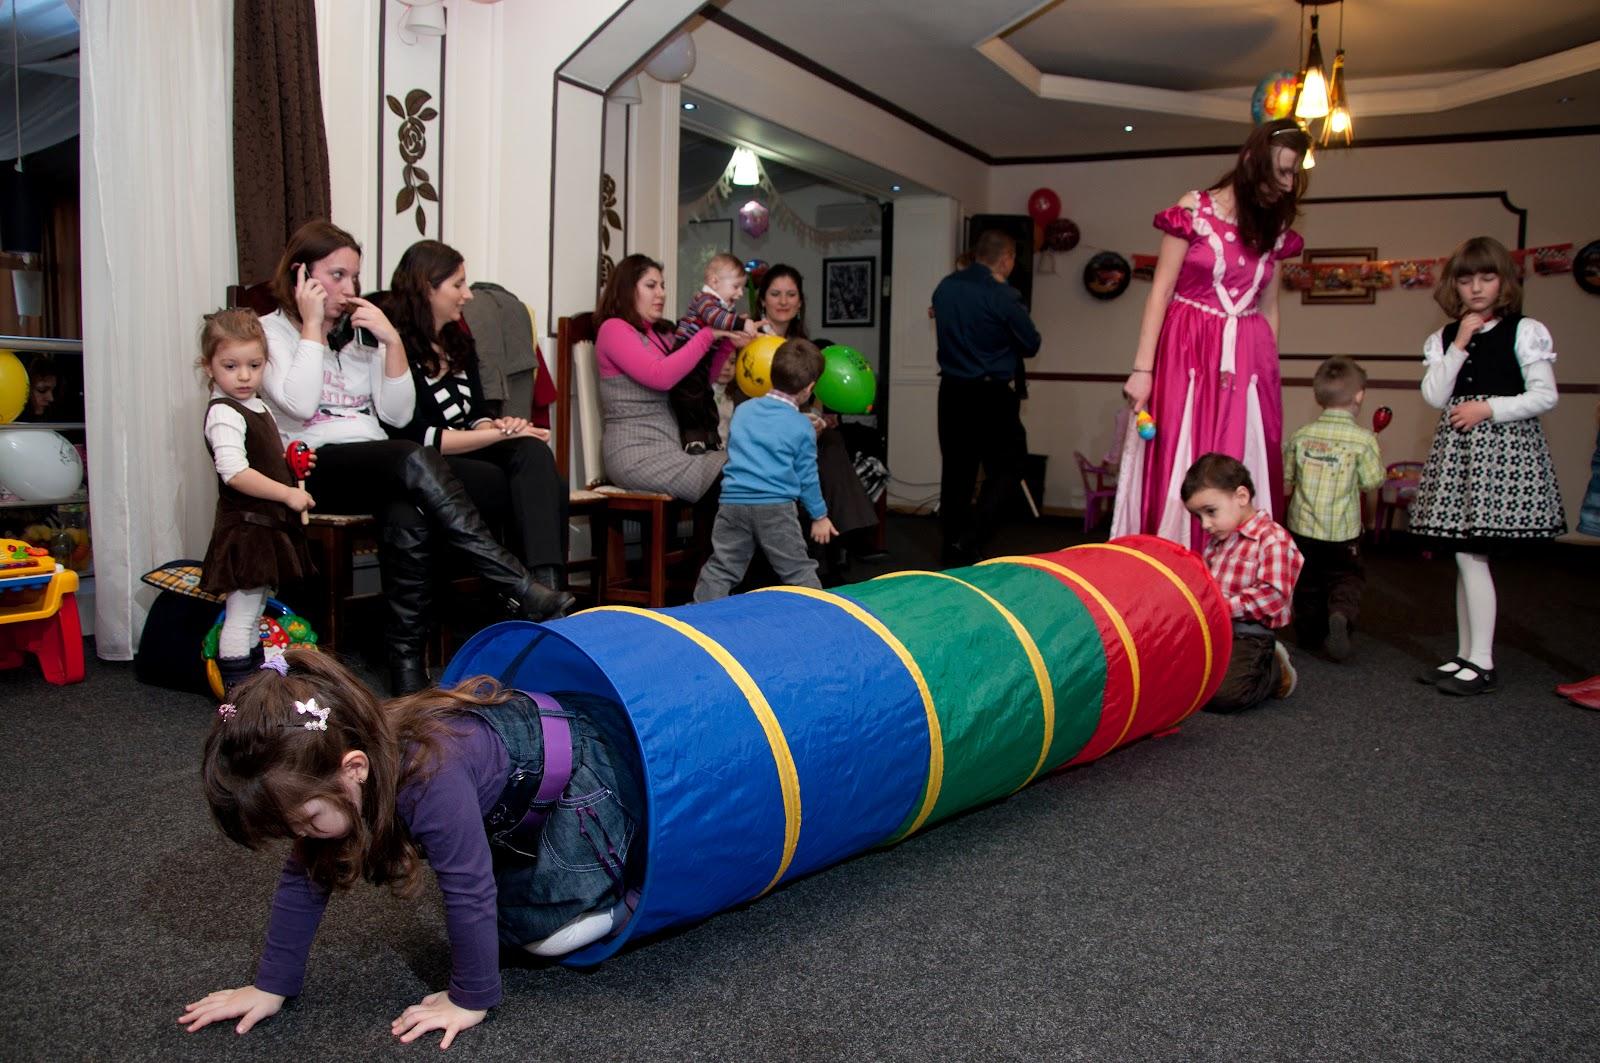 jocuri cu zile de nastere Petreceri pentru copii, petreceri pentru adolescenti, petreceri  jocuri cu zile de nastere